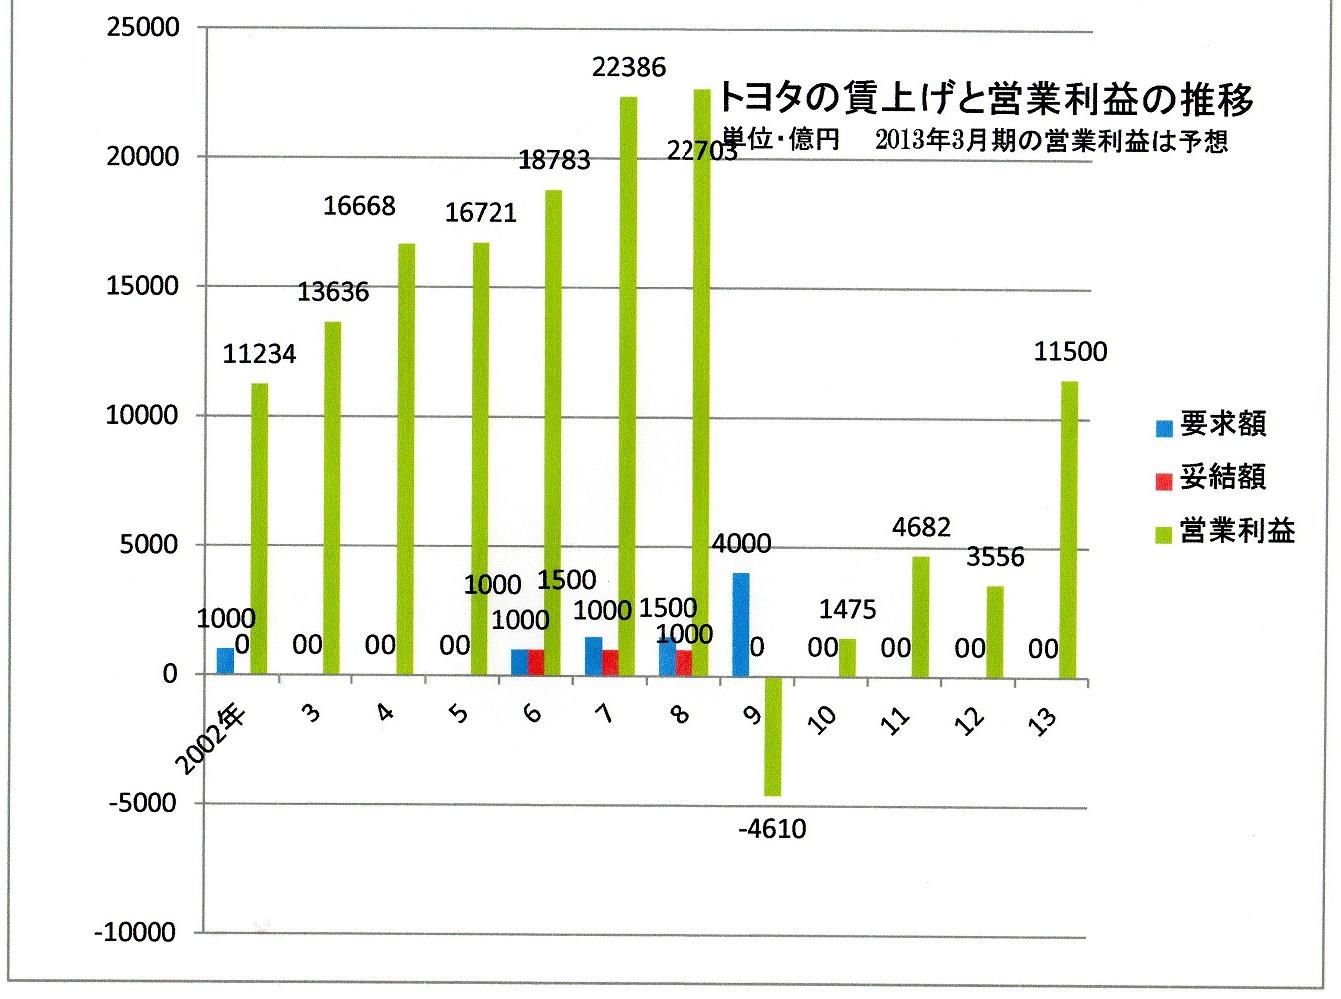 50 2013 トヨタの営業利益と賃上げの推移